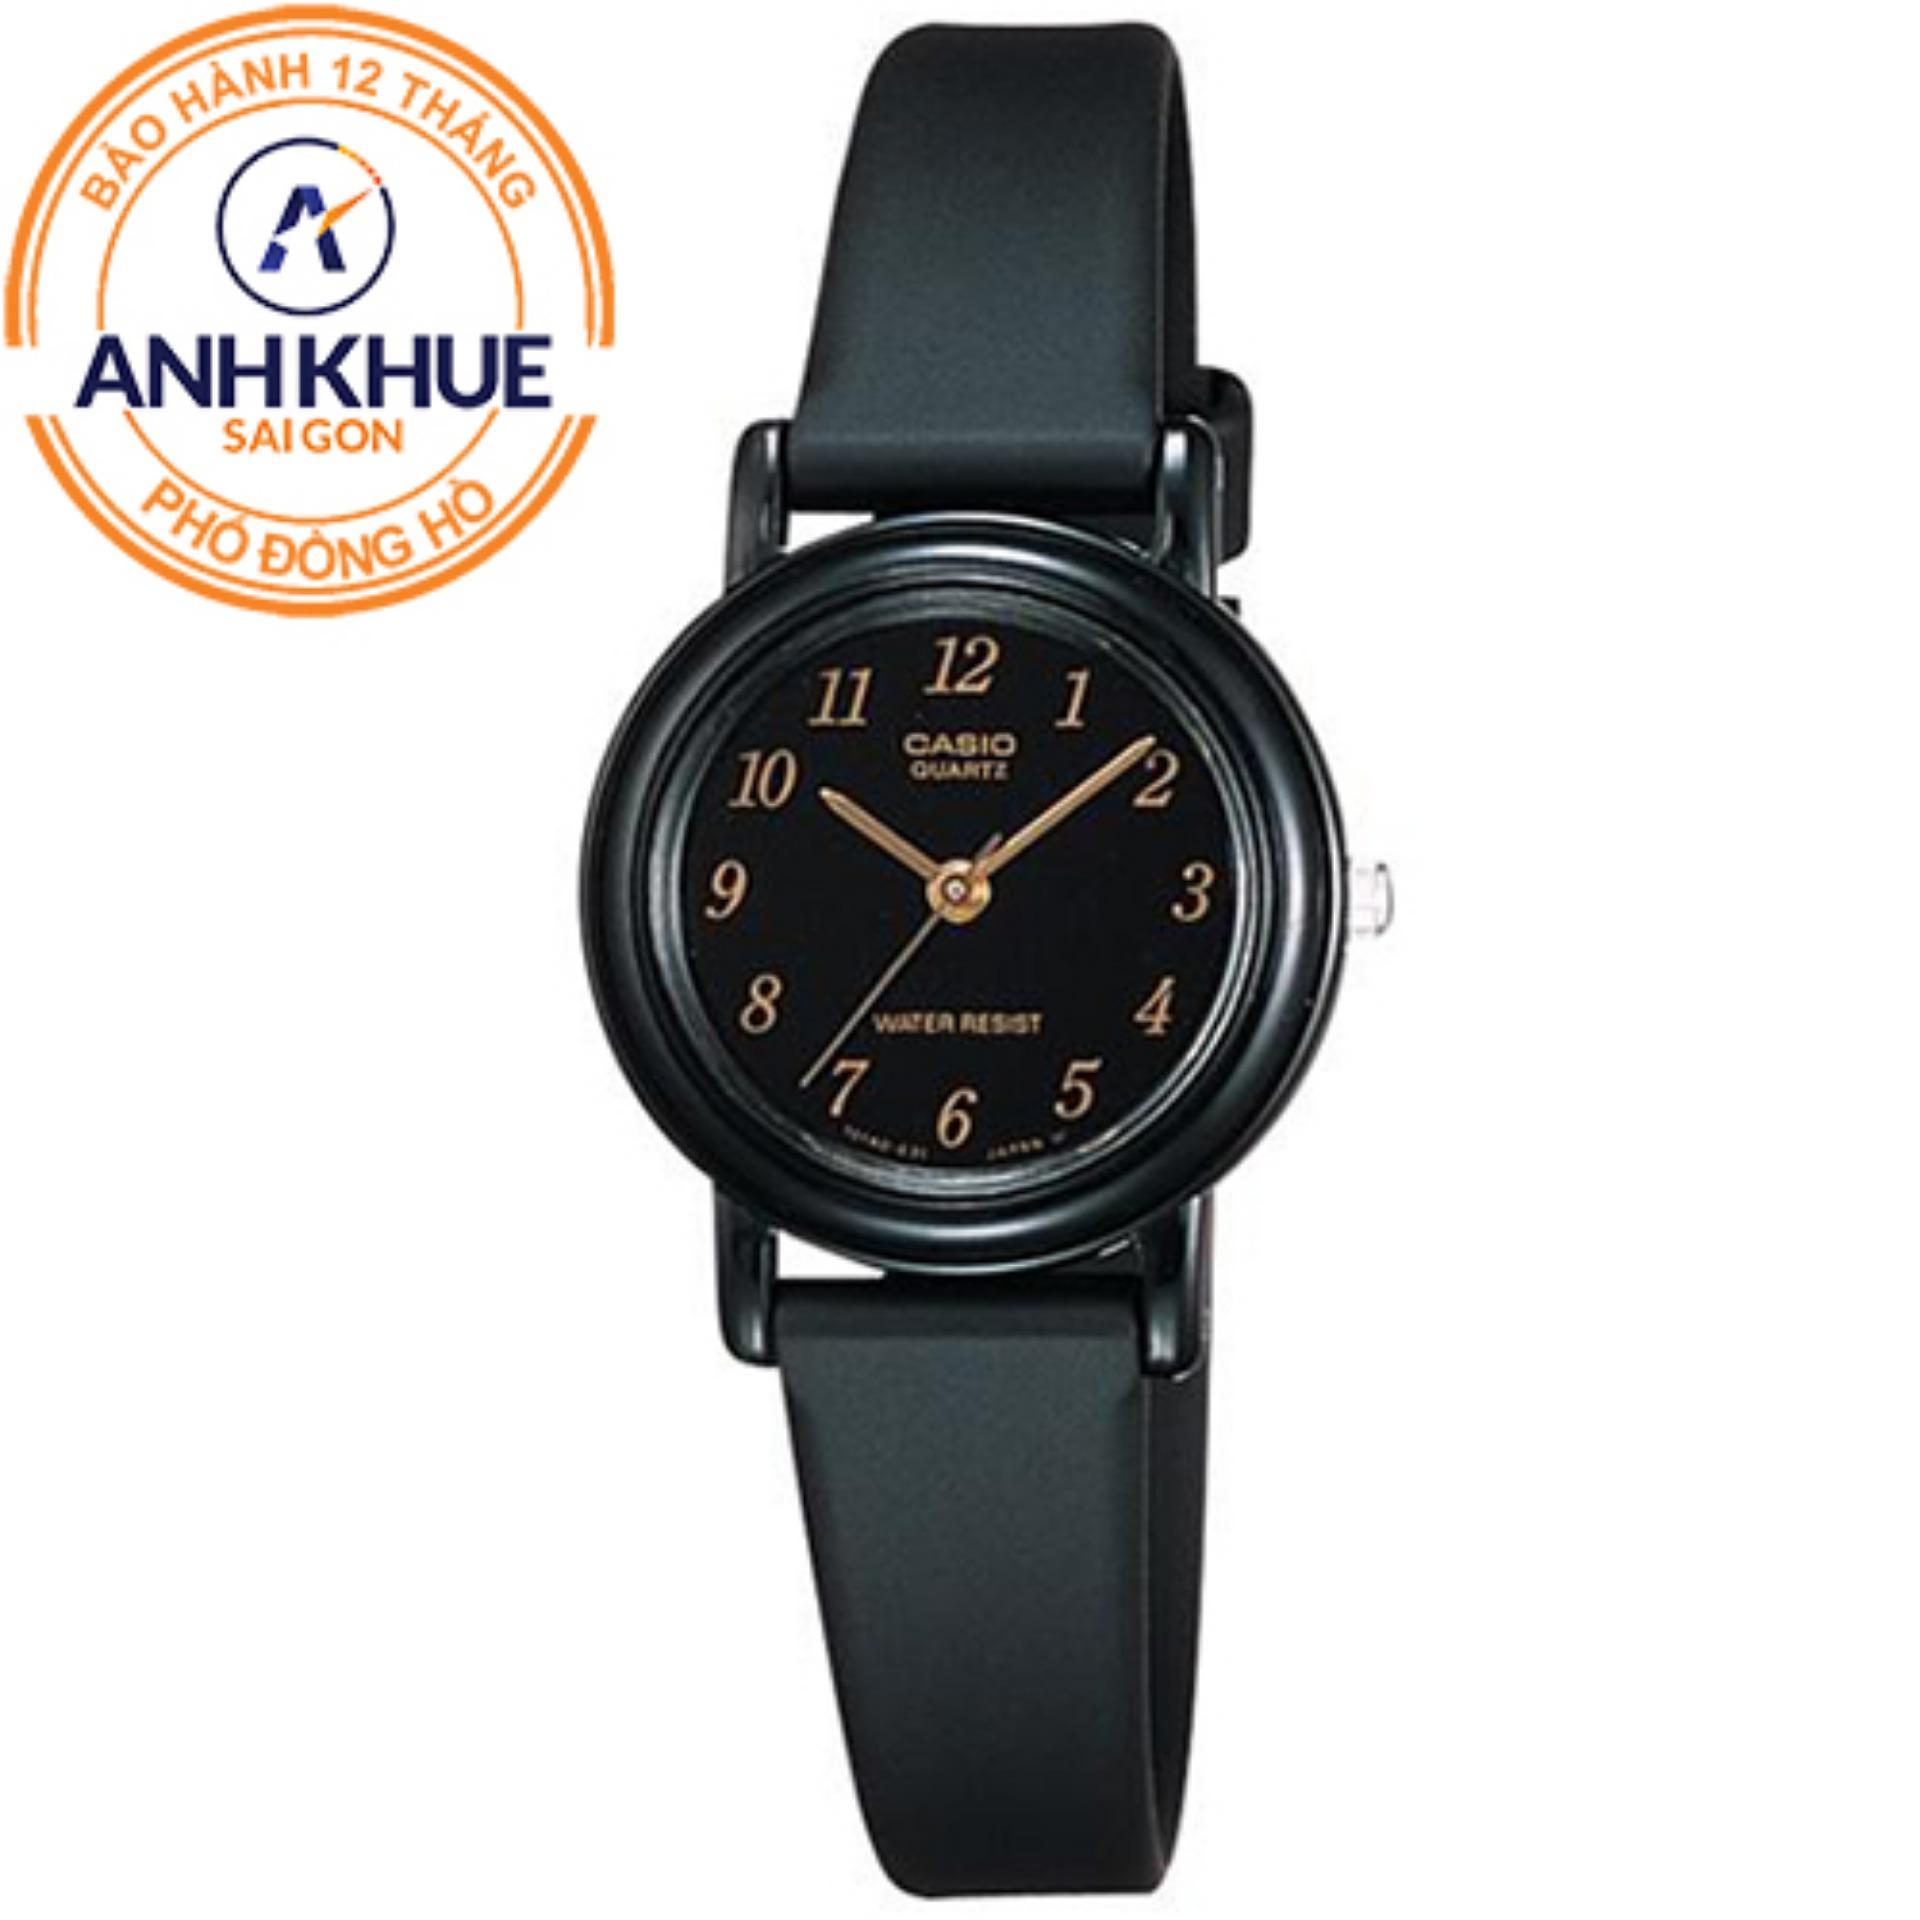 Đồng hồ nữ dây nhựa Casio Anh Khuê LQ-139AMV-1LDF